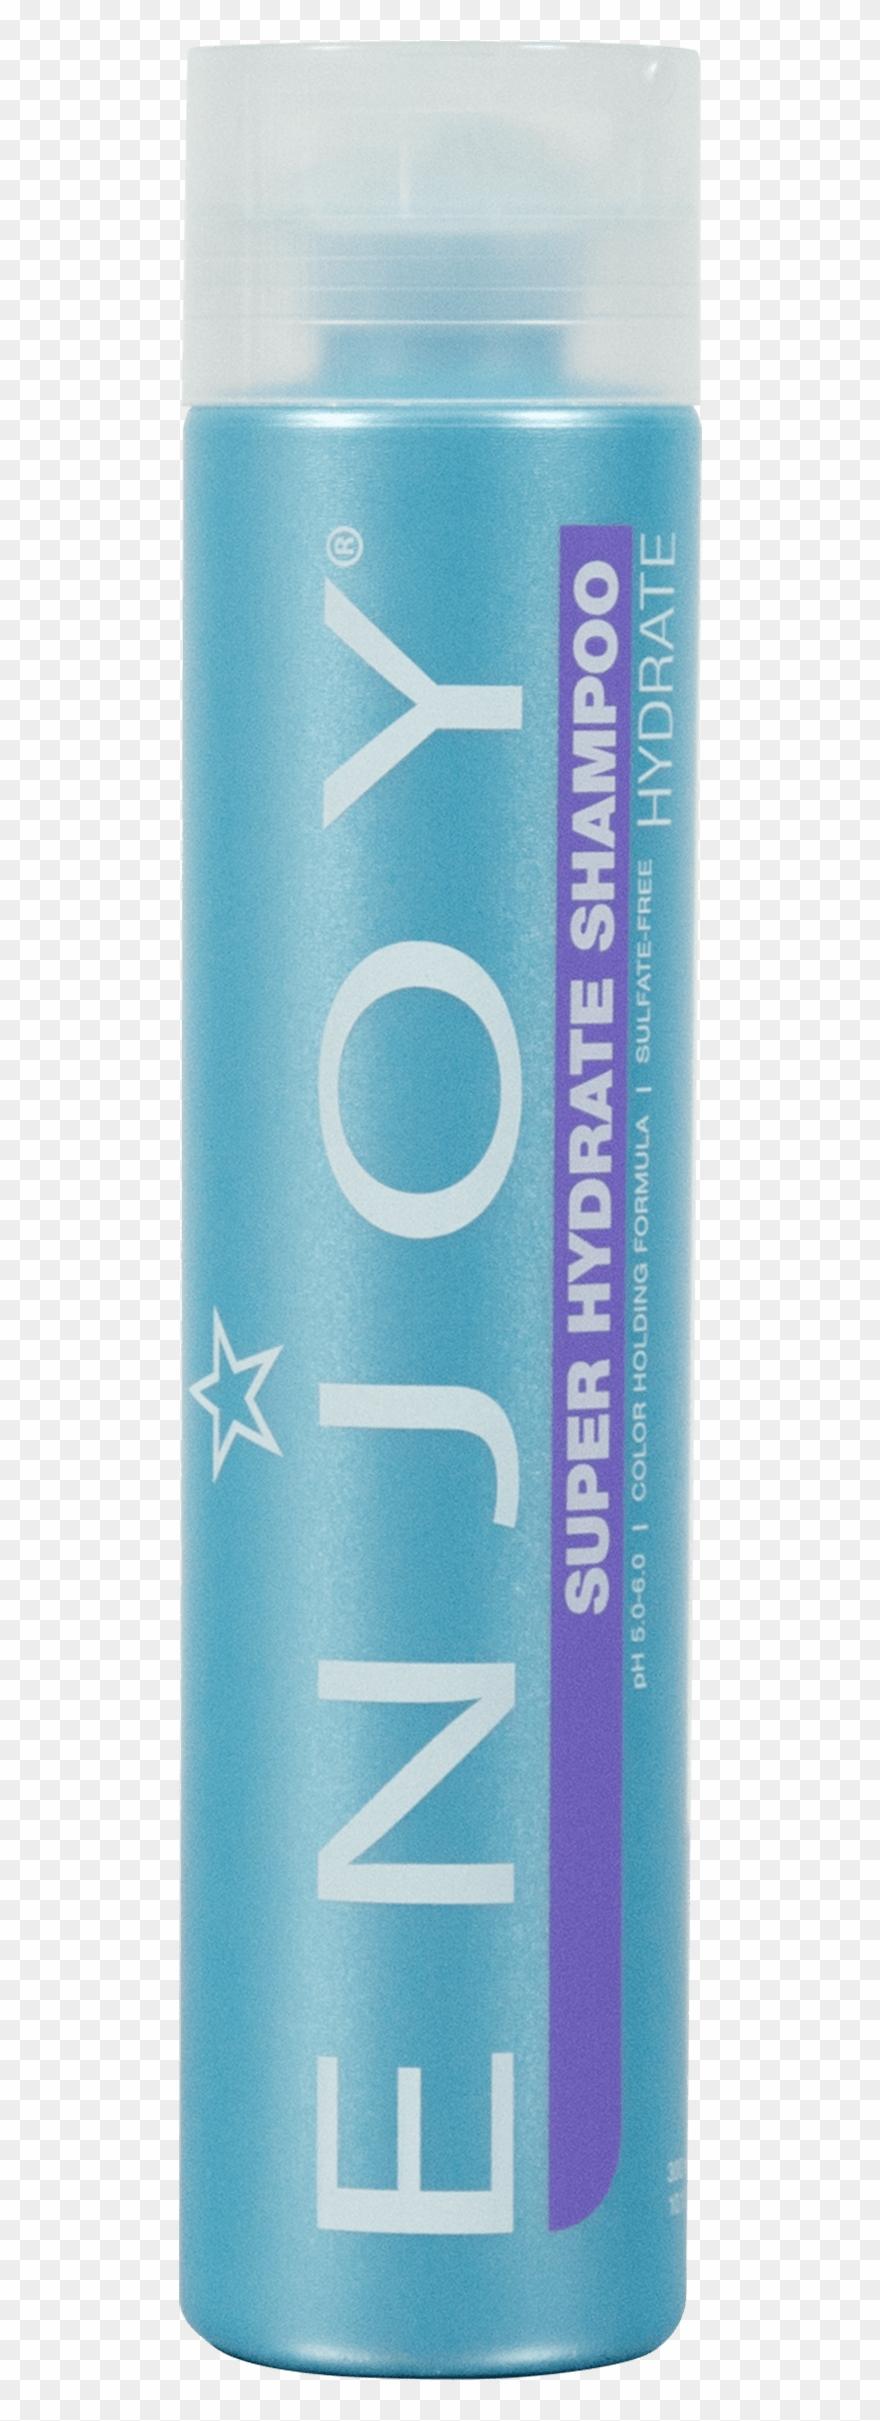 shampoo # 4997641